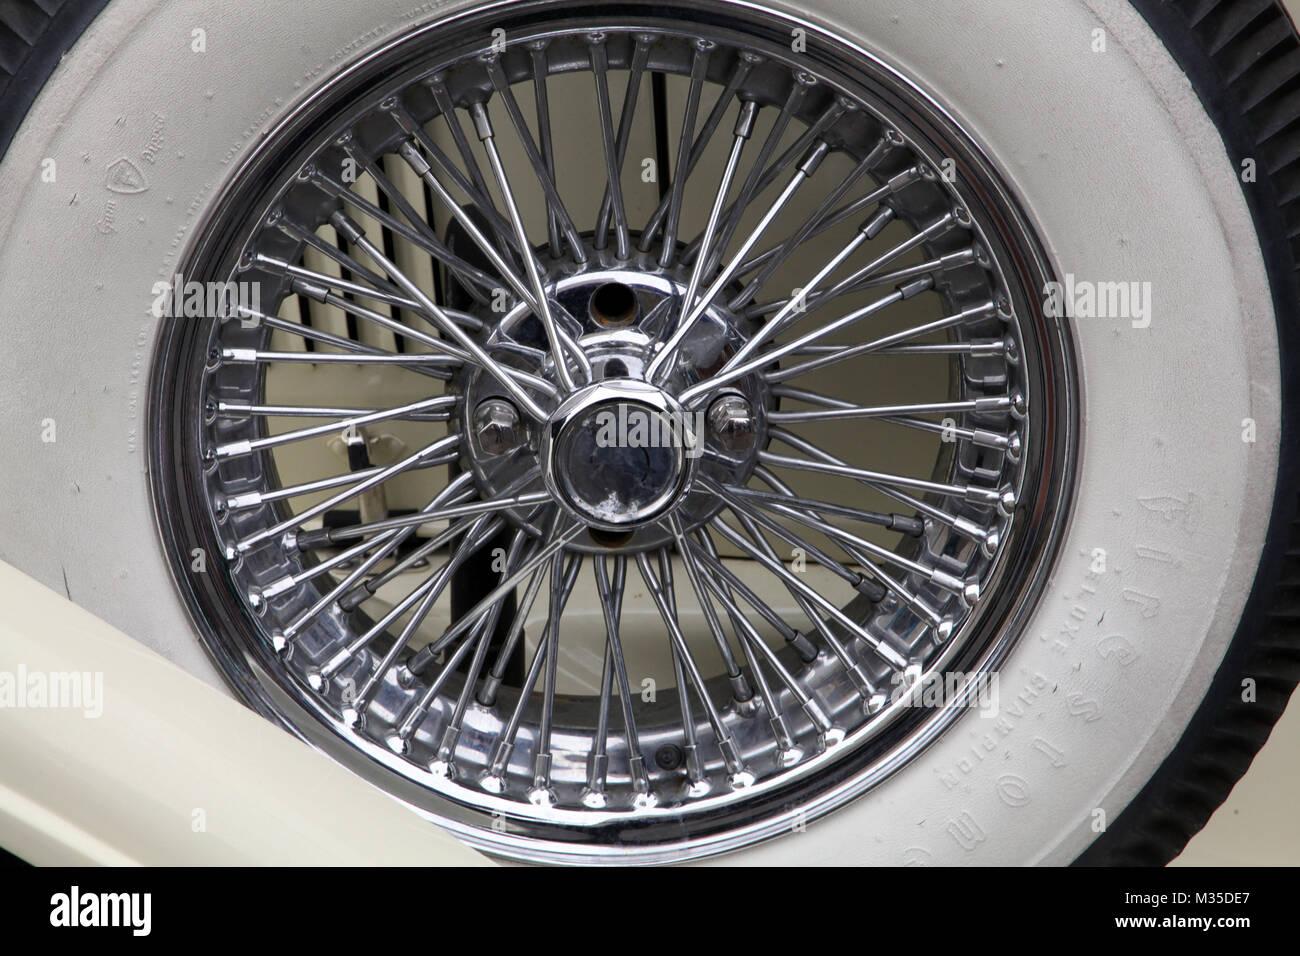 Nahaufnahme Blick auf einen weißen Mauern Reifen mit Stahl Draht Speichen, Rad Stockbild